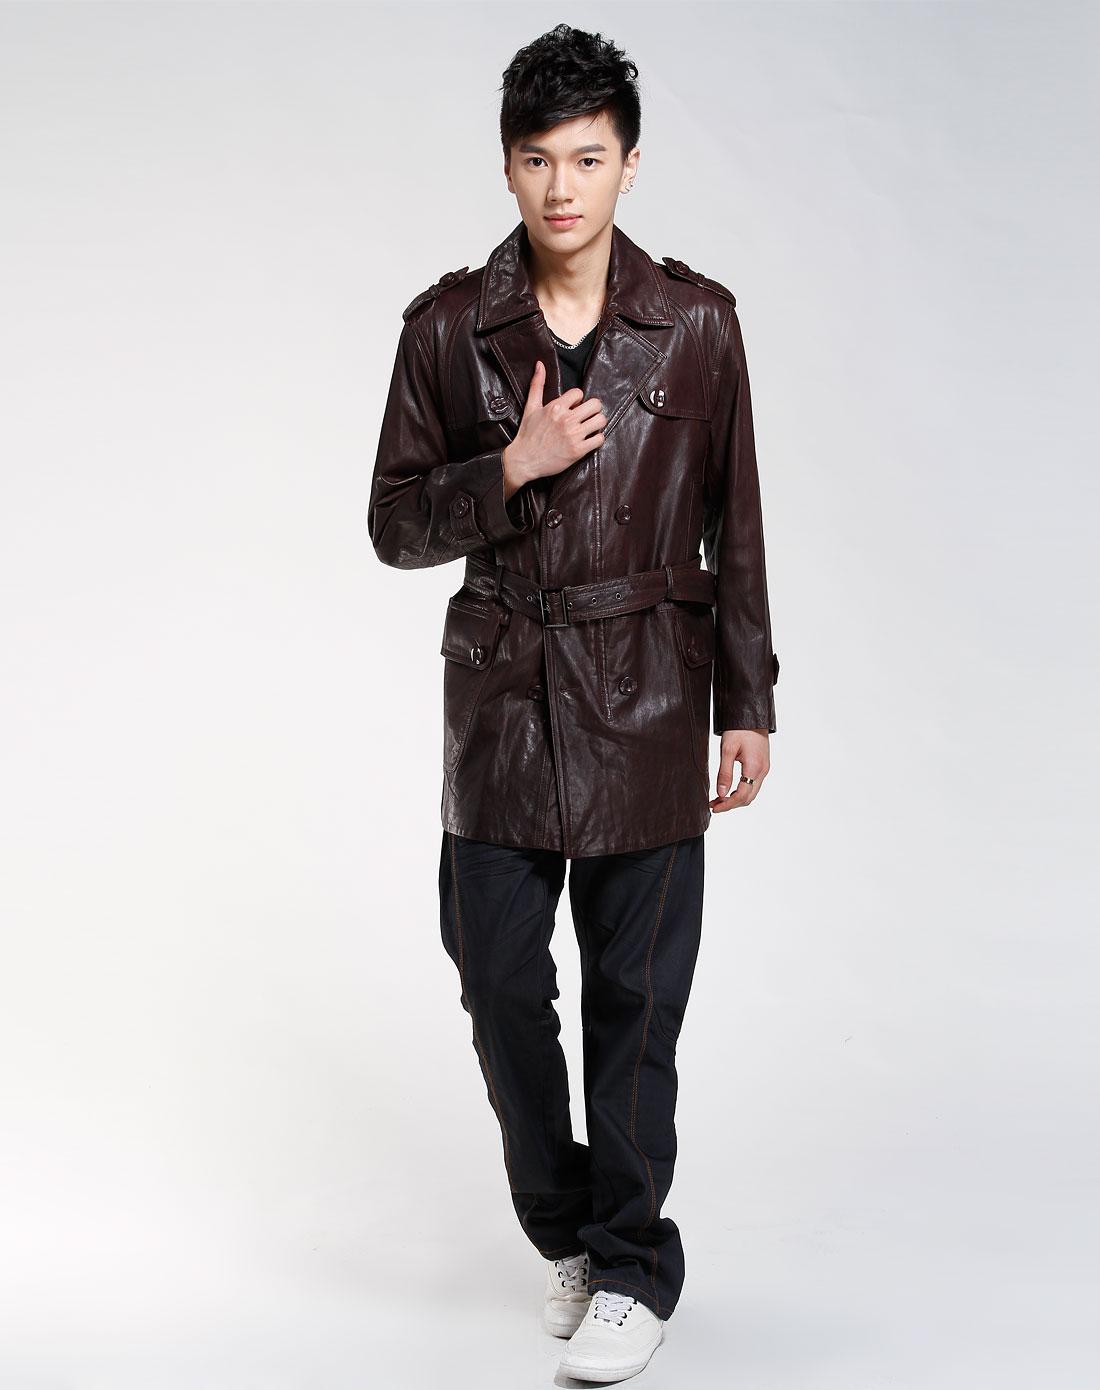 款深咖色时尚皮衣